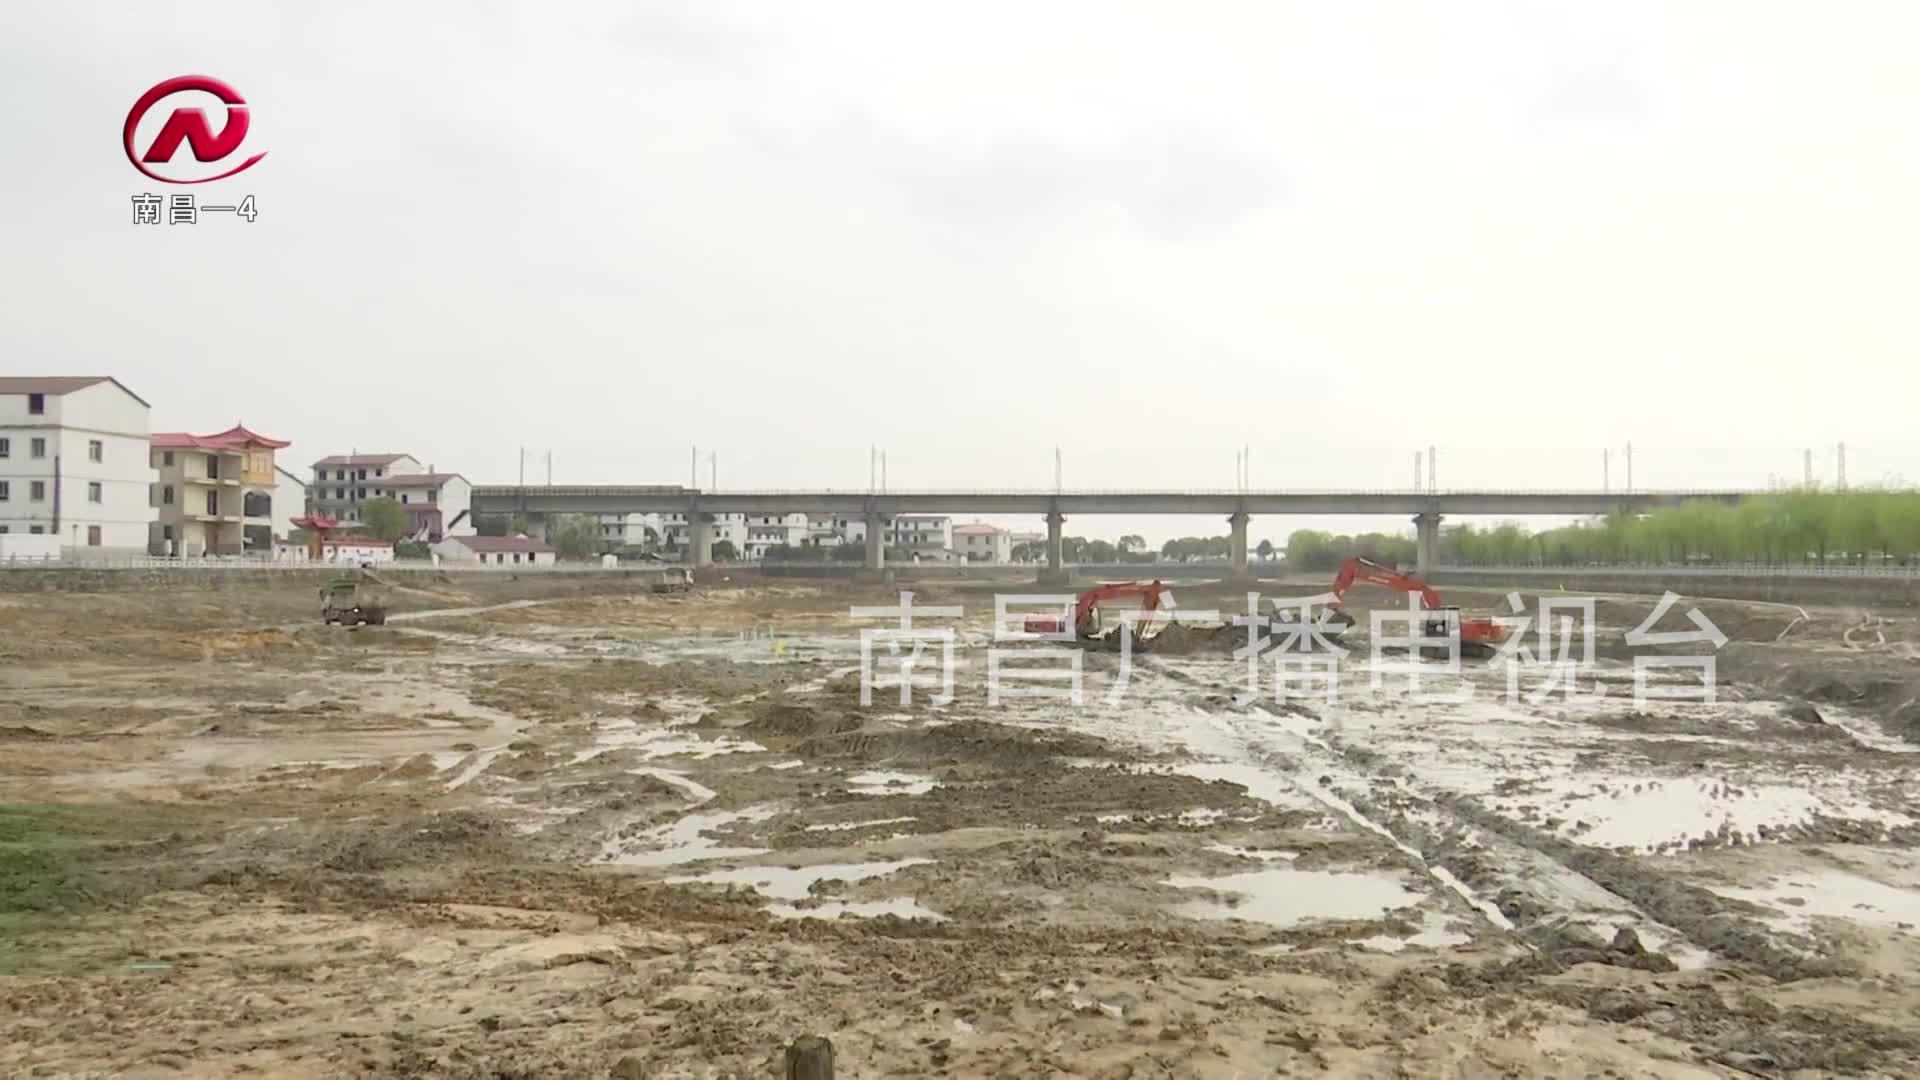 【豫章农视】南昌县:整治河道焕新颜 助力农村水环境提升